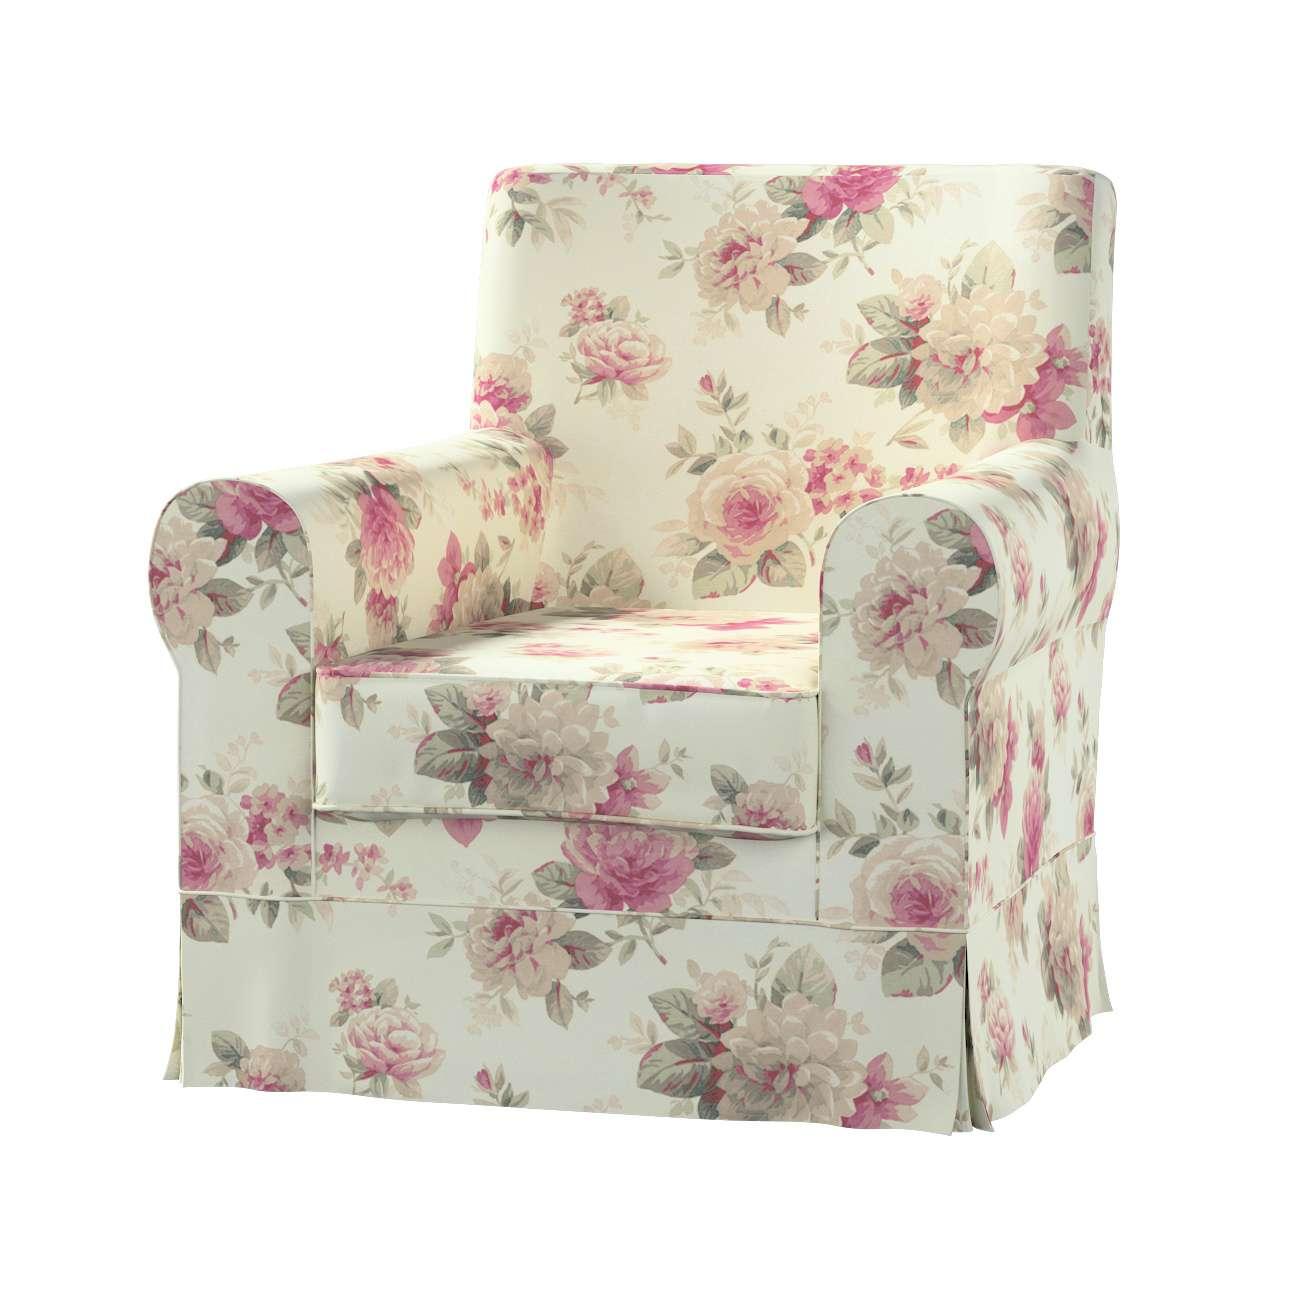 Pokrowiec na fotel Ektorp Jennylund w kolekcji Mirella, tkanina: 141-07